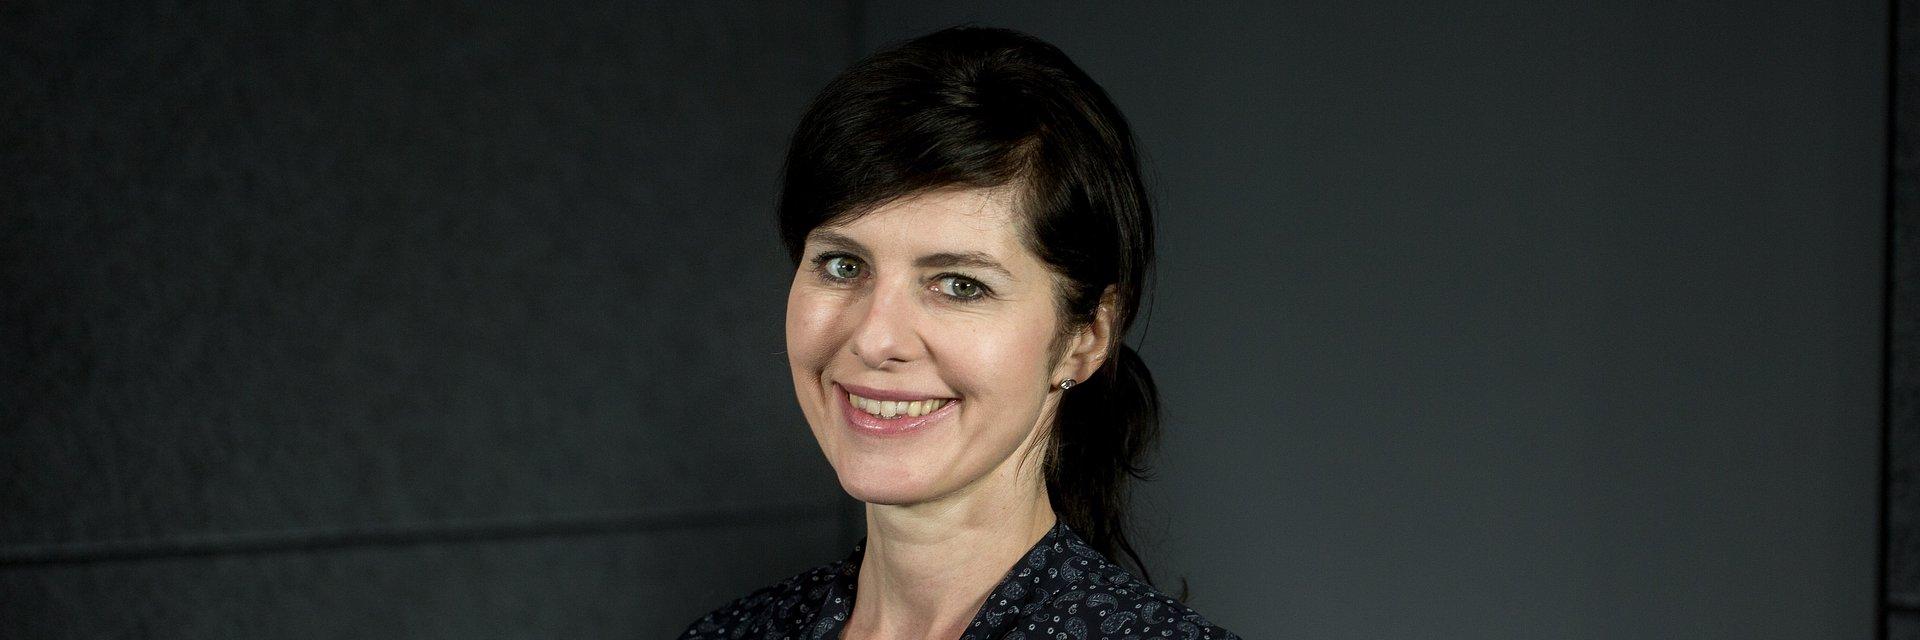 Dr Katarzyna Dośpiał-Borysiak - politologia